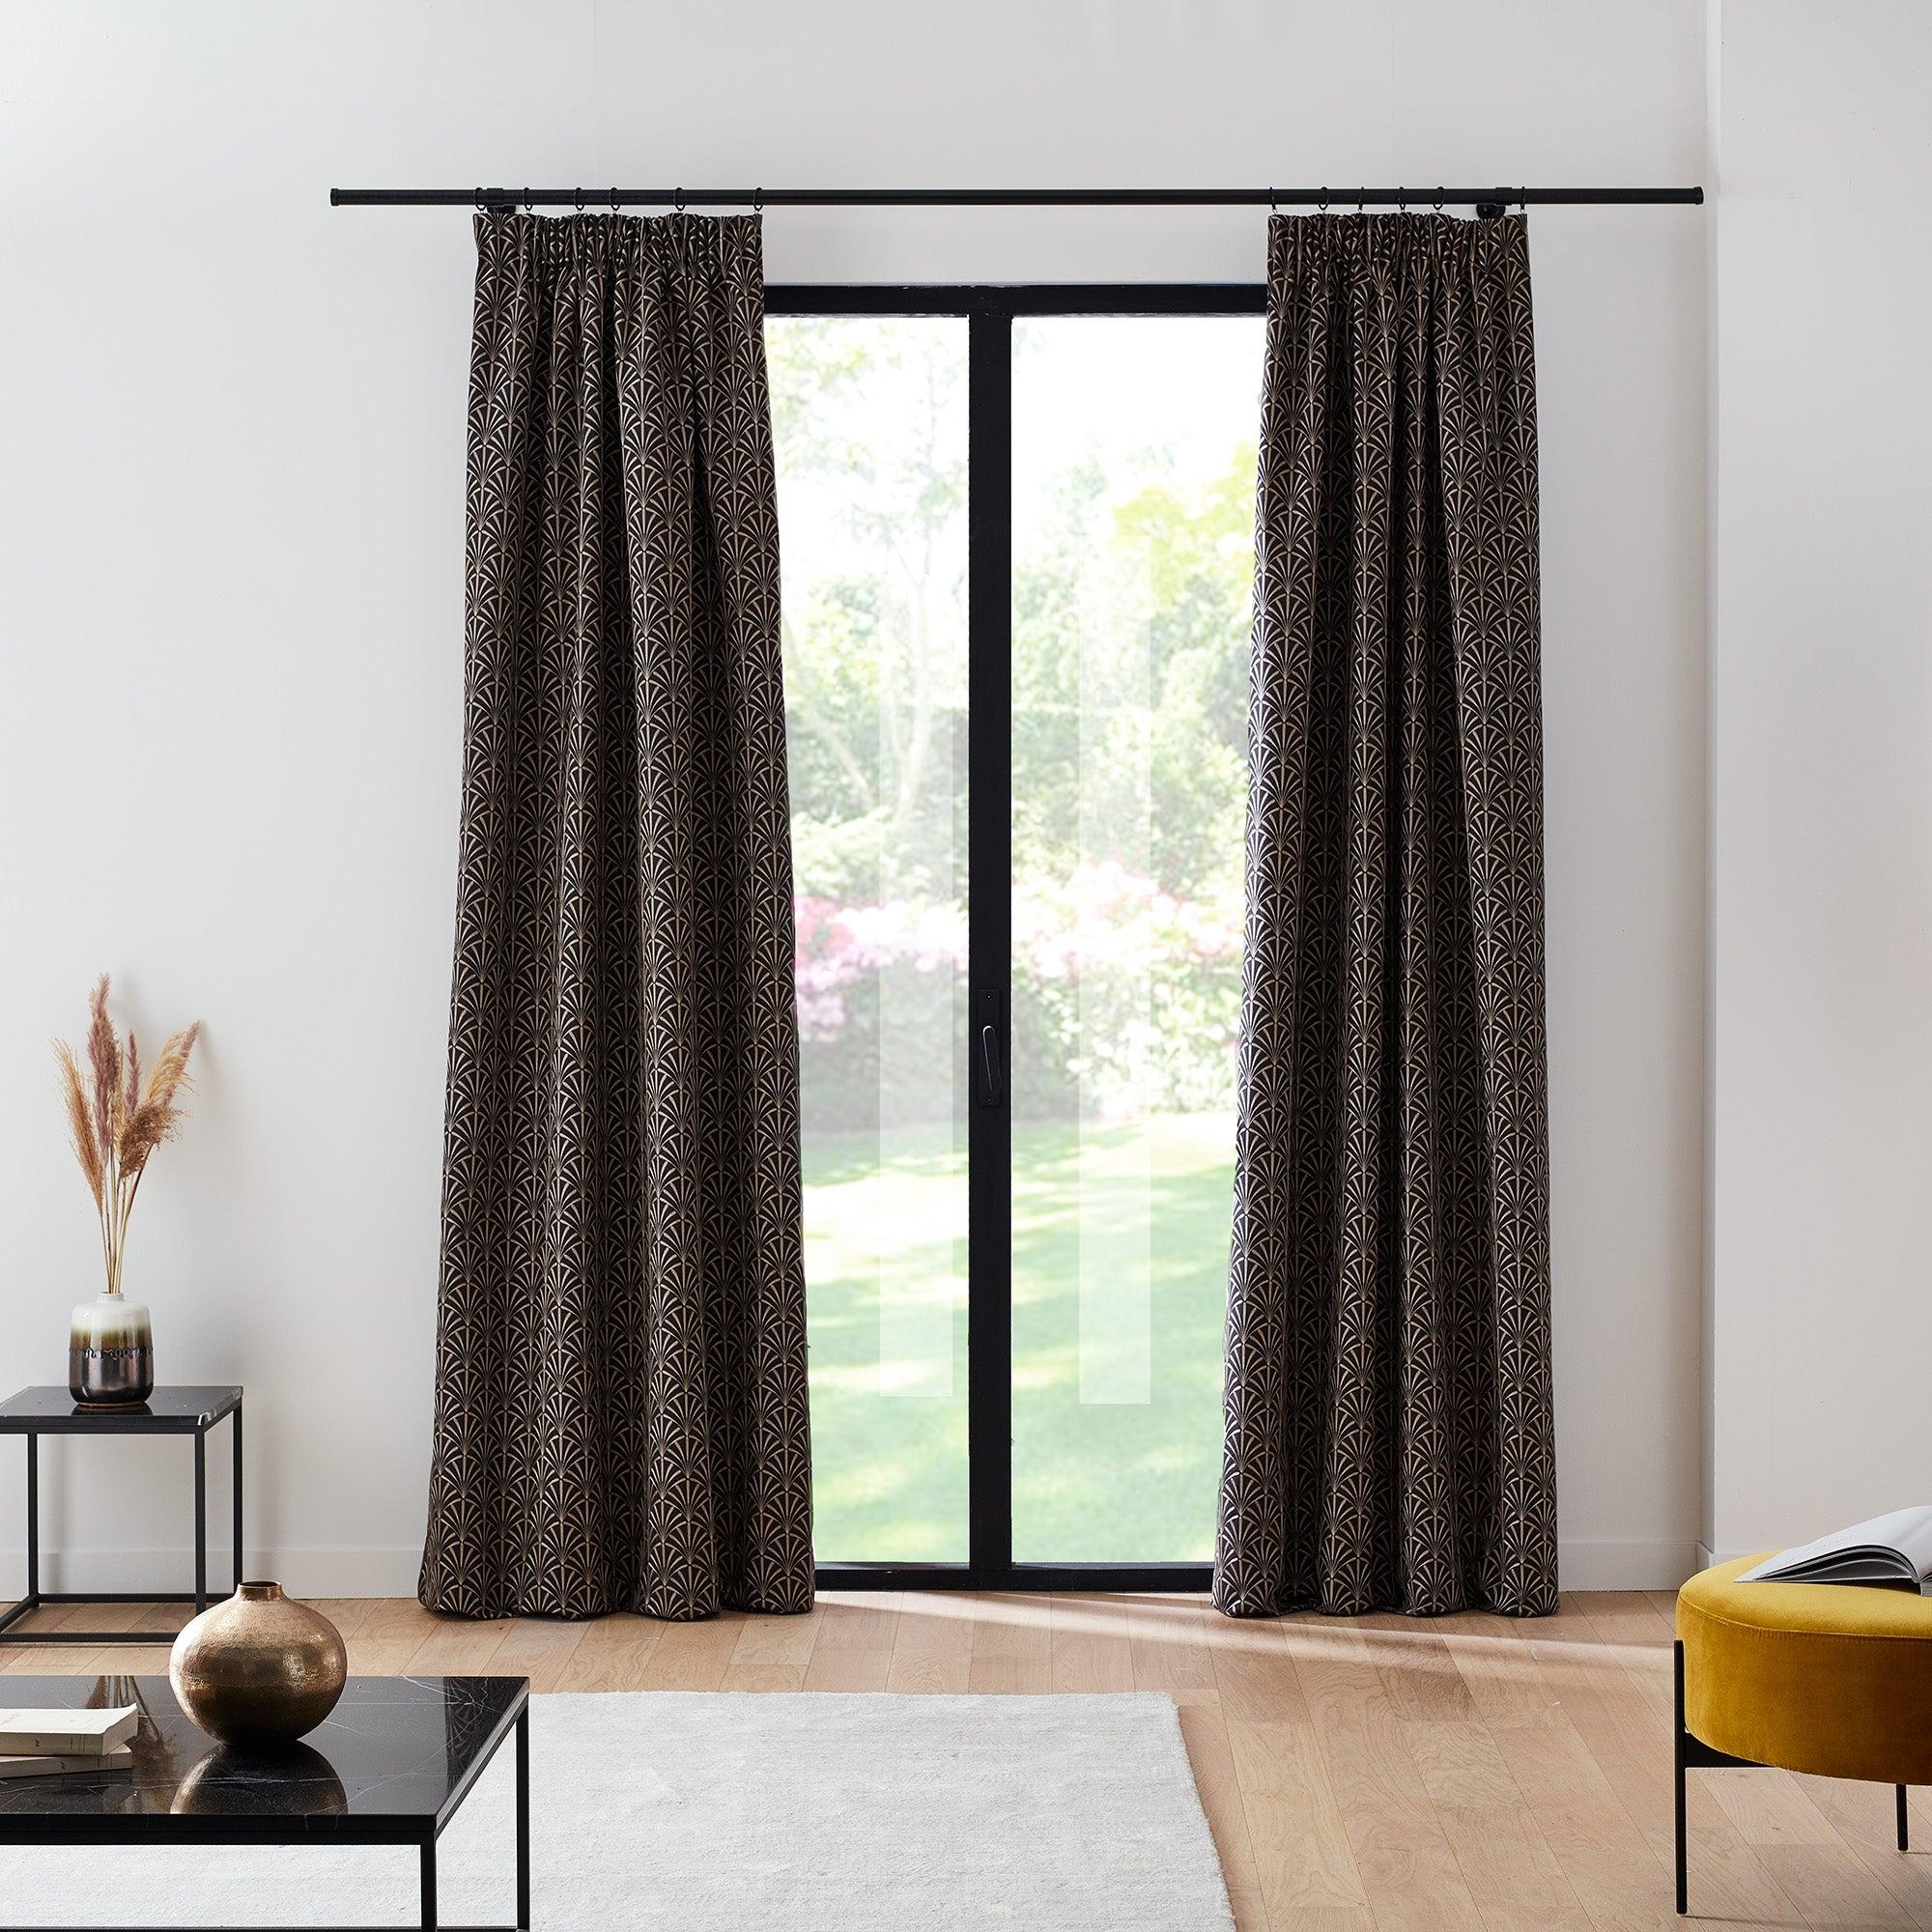 Rideau à ruban fronceur doublé 134x280 cm Noir et argent